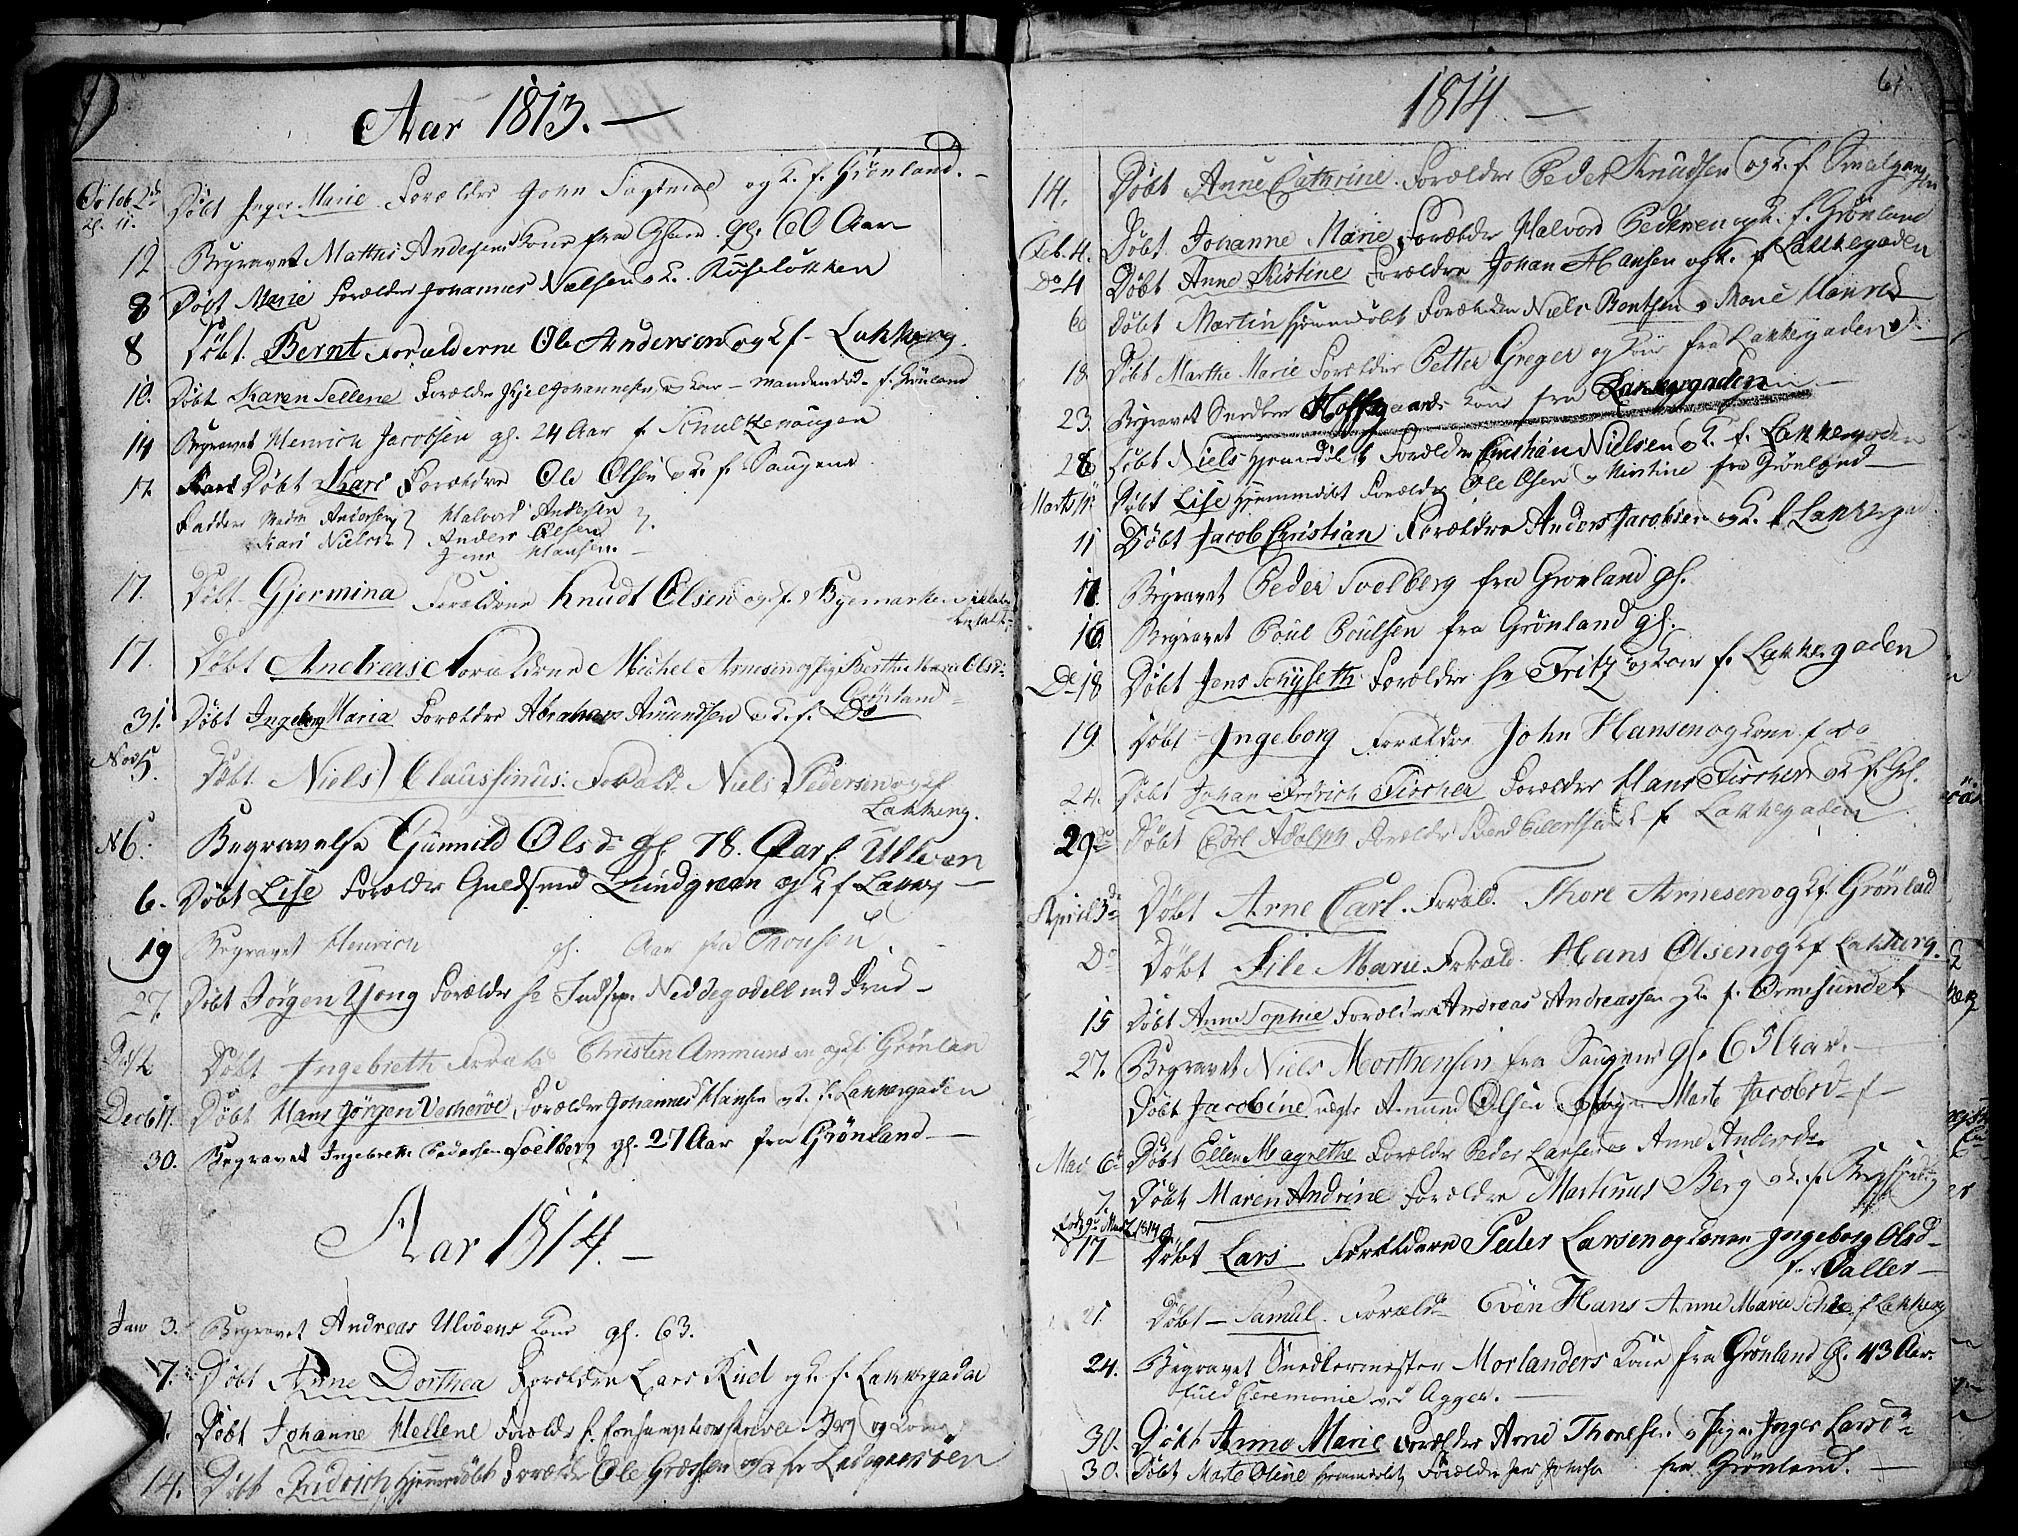 SAO, Aker prestekontor kirkebøker, G/L0001: Klokkerbok nr. 1, 1796-1826, s. 60-61